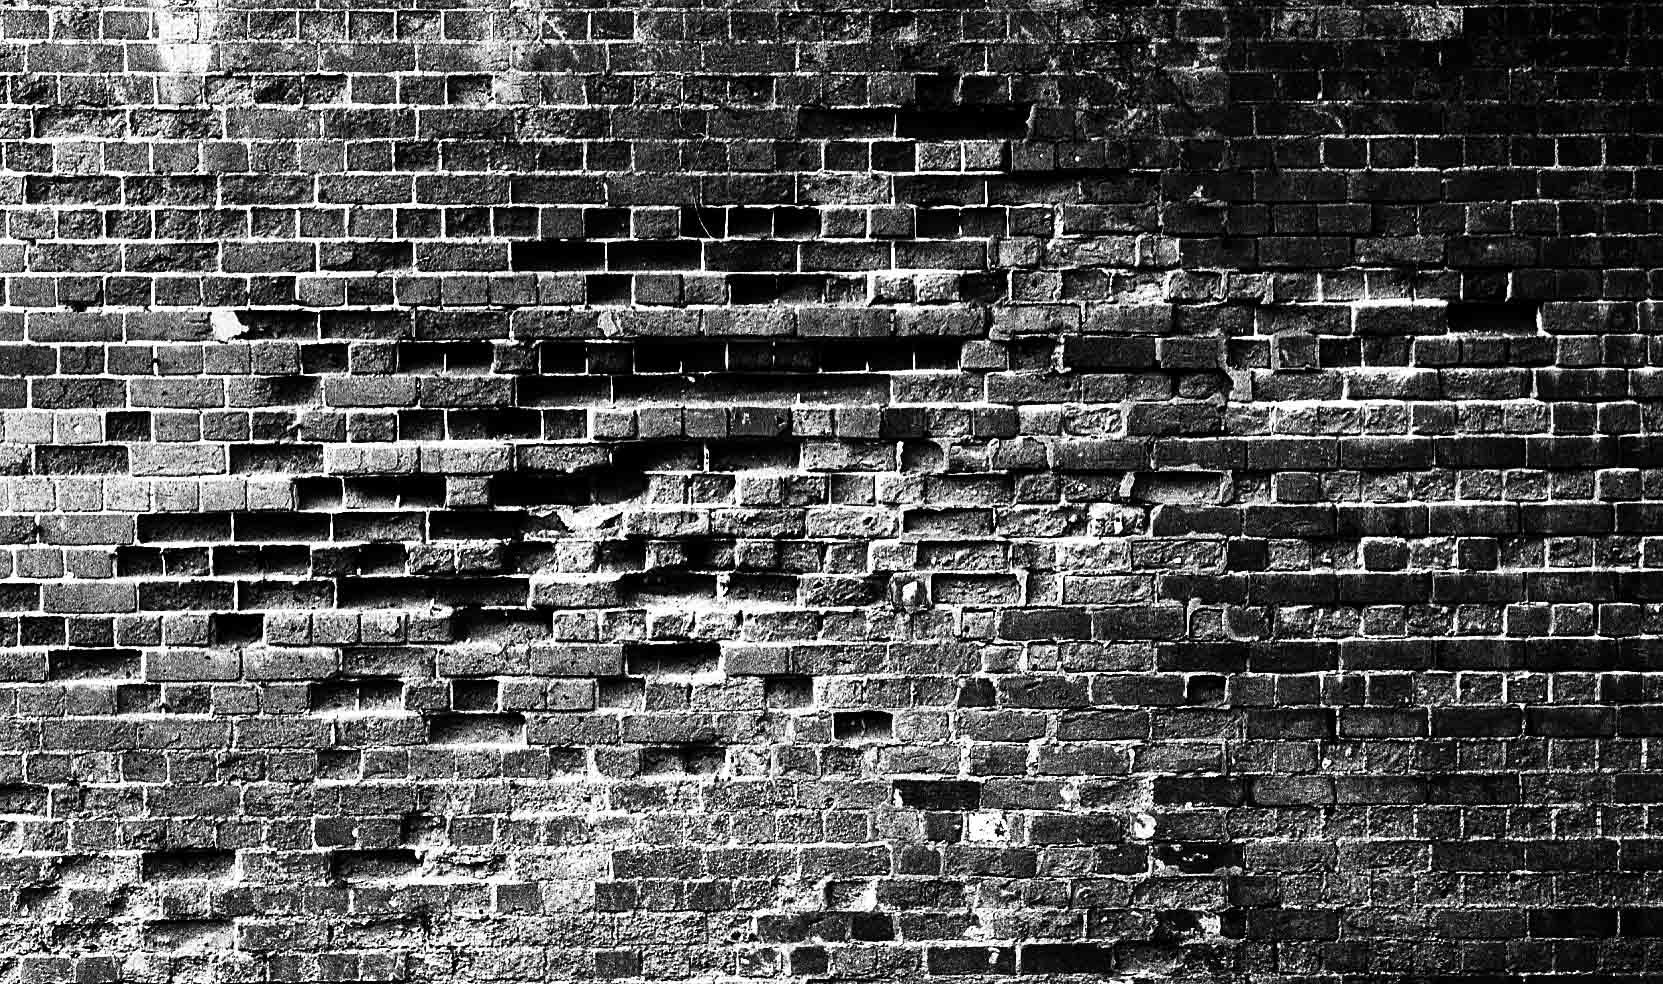 Brick Wall Yammerman 39 S Blog